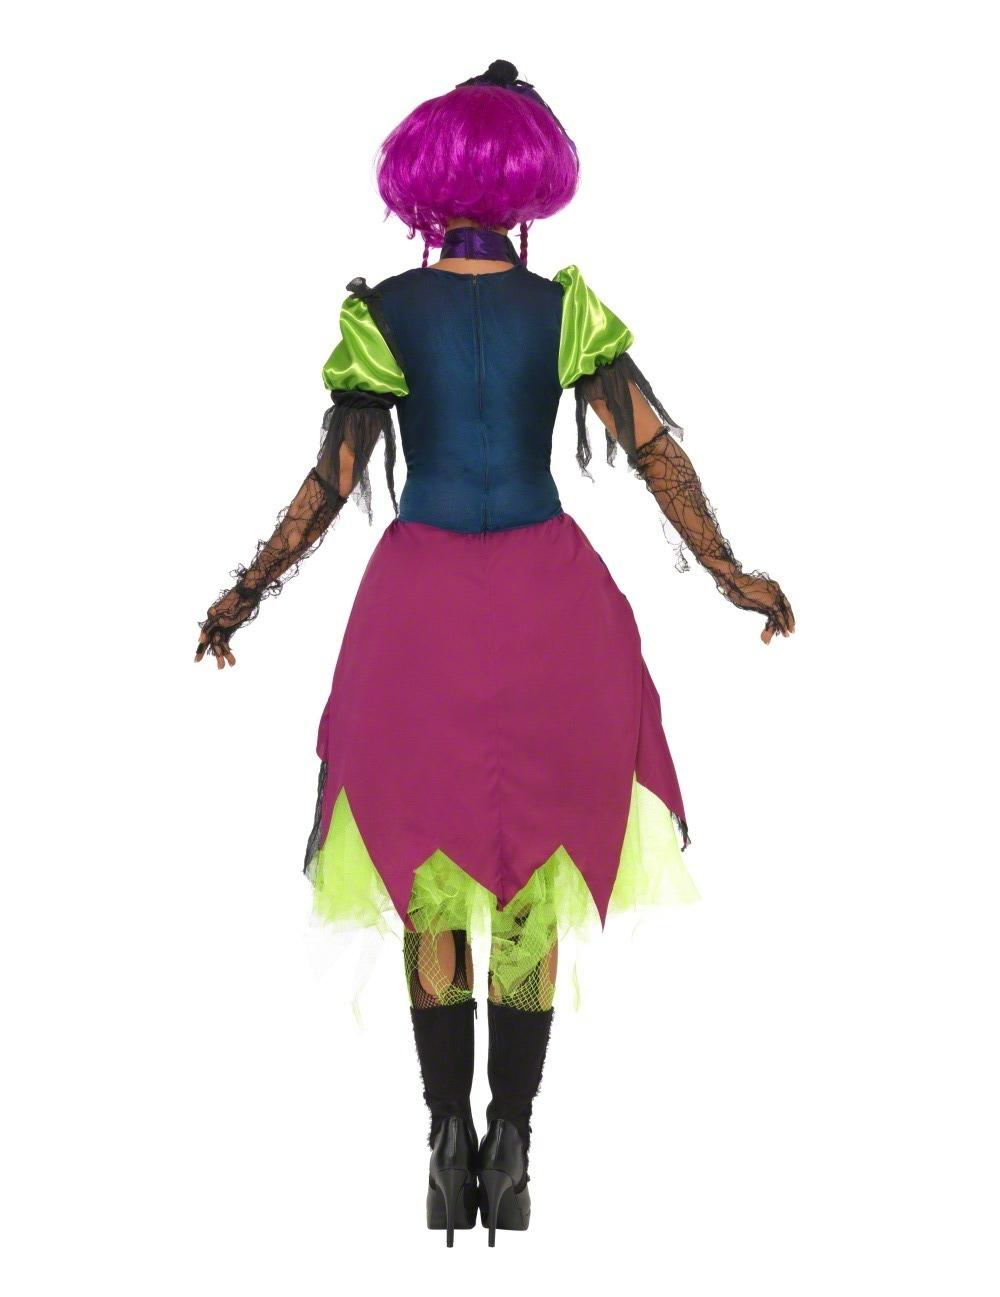 Deguisetoi d guisement et accessoire de f te pour vos soir es d guis es halloween carnaval - Deguisement femme halloween ...